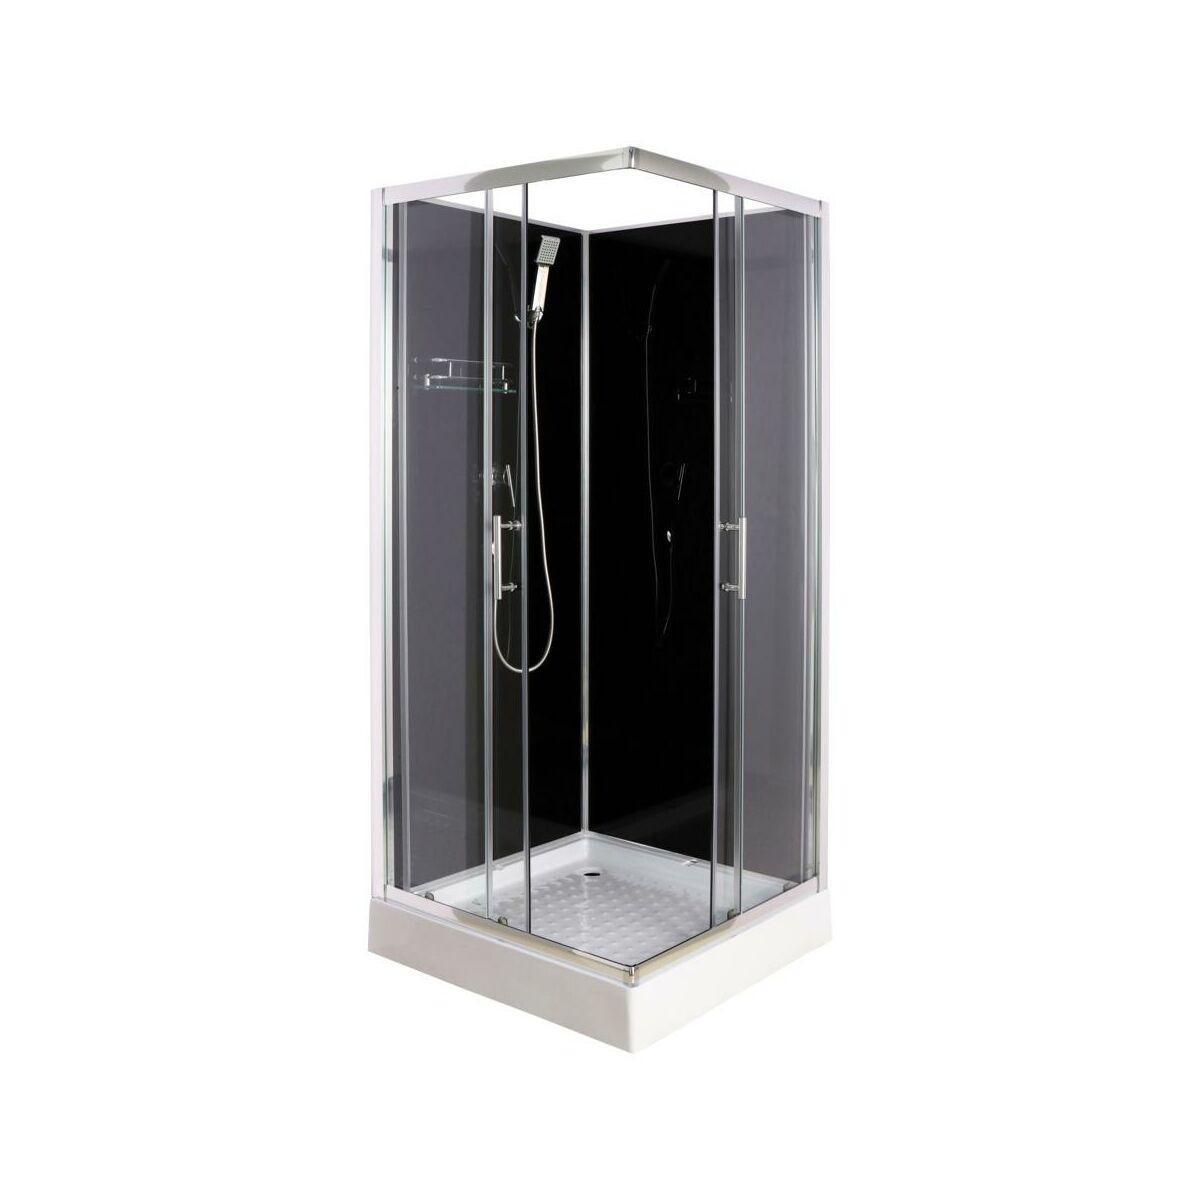 Kabina Prysznicowa Liza 80 X 80 X 200 15 Ckr Kabiny Prysznicowe W Atrakcyjnej Cenie W Sklepach Leroy Merlin